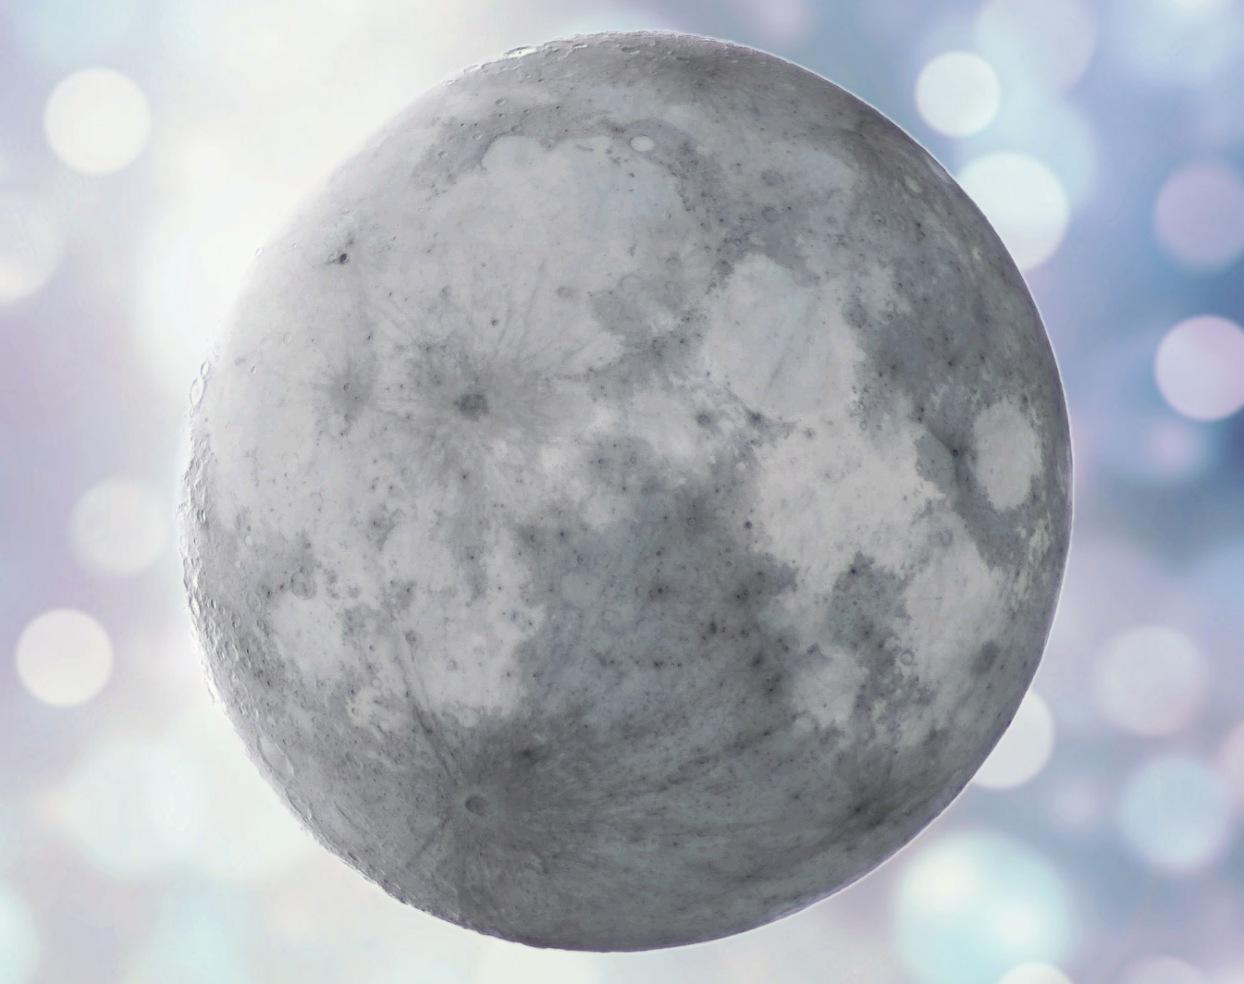 Inverted moon by Sergej Pril